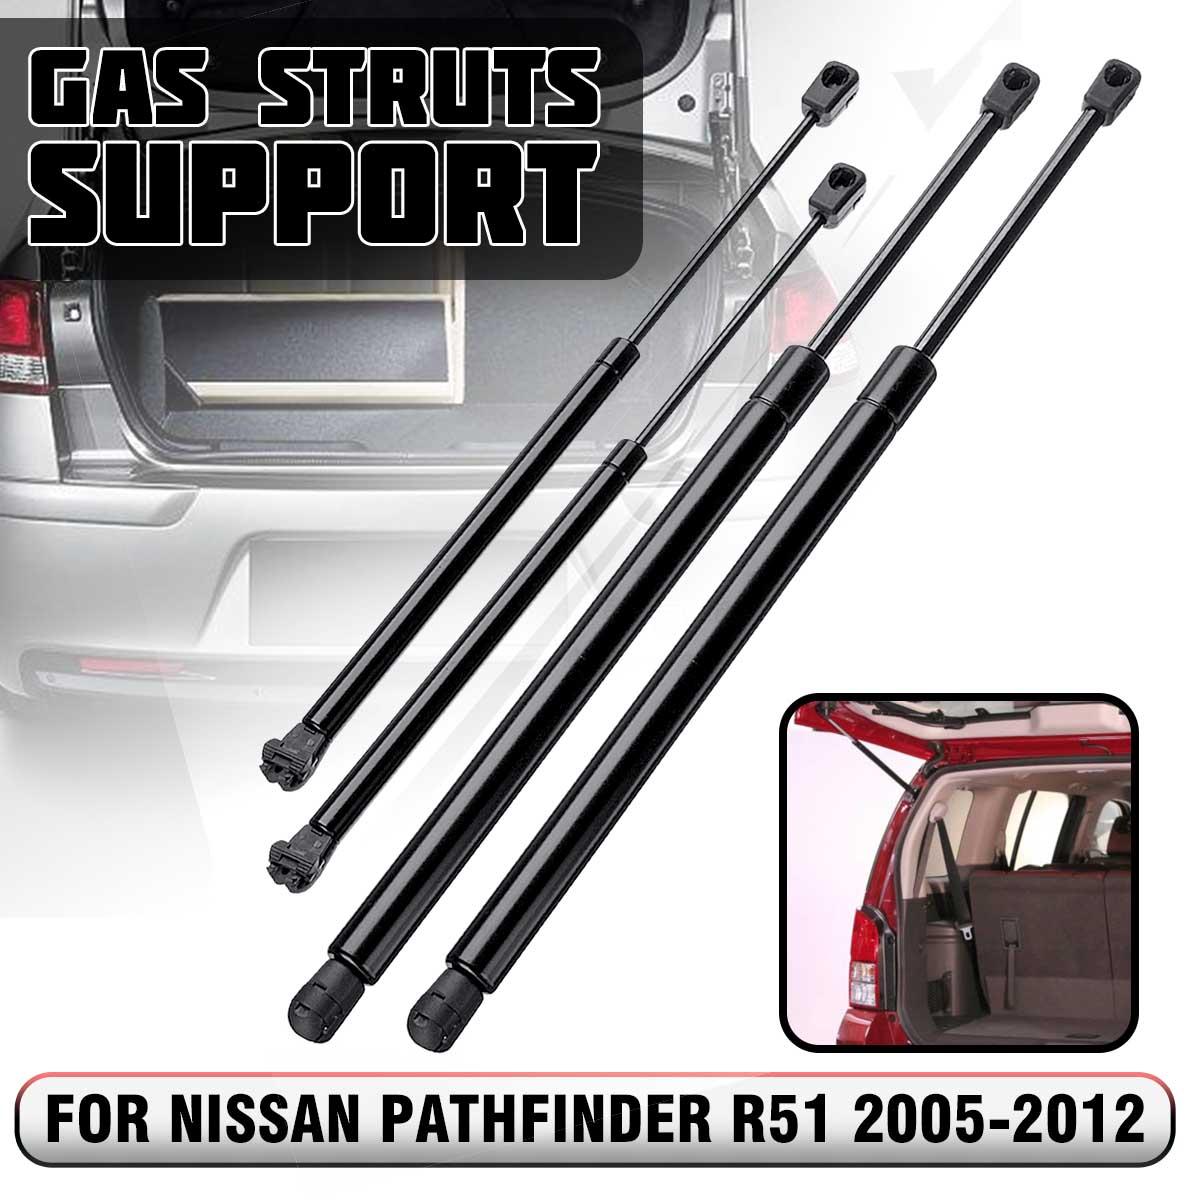 4 adet arka bagaj kapağı bagaj gaz Struts destek çubuğu Nissan Pathfinder için R51 2005 2006 2007 2008 2009 2010 2011 2012